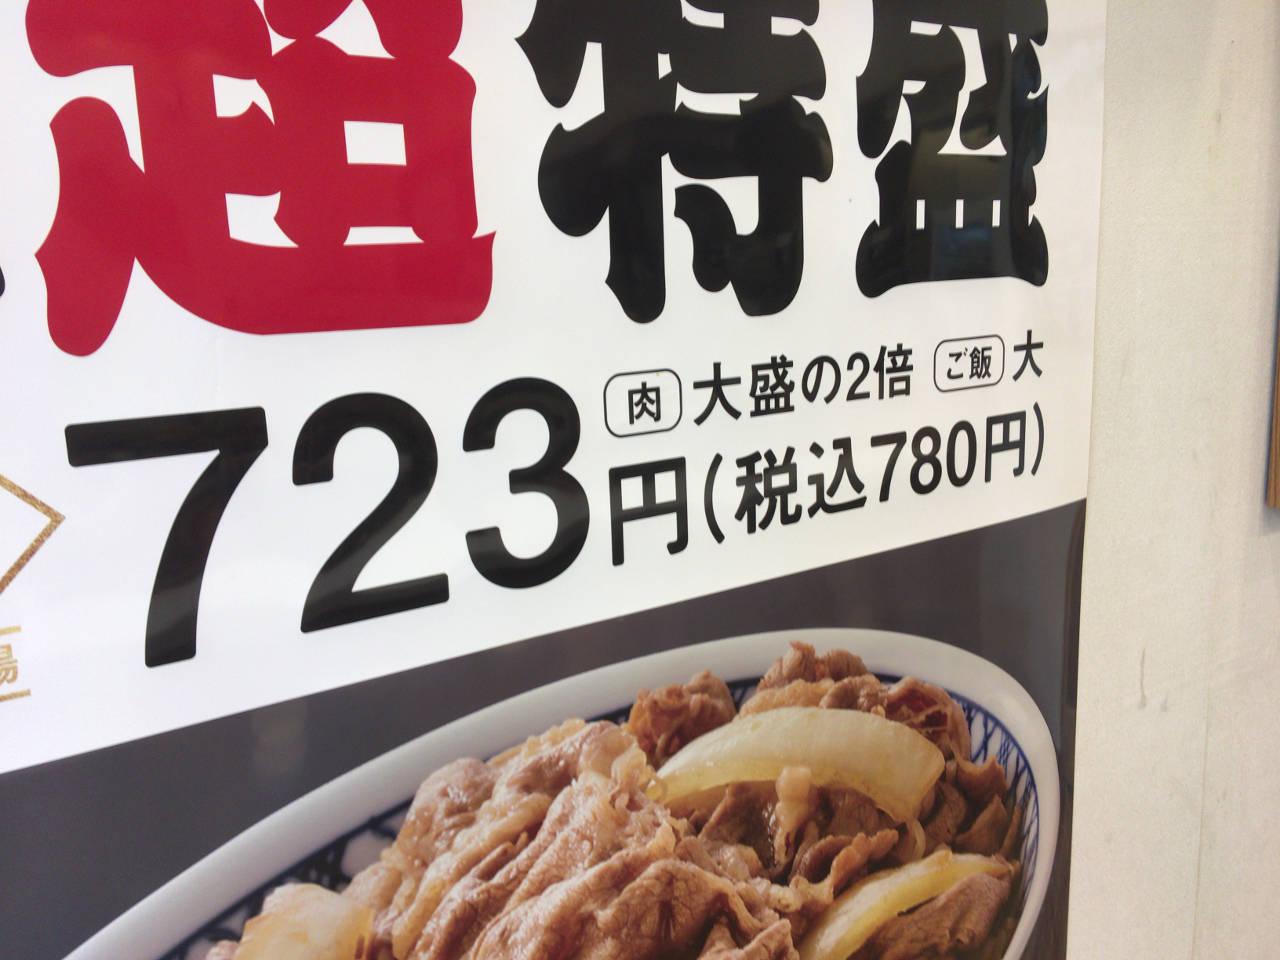 牛丼の超特盛の店内ポスター